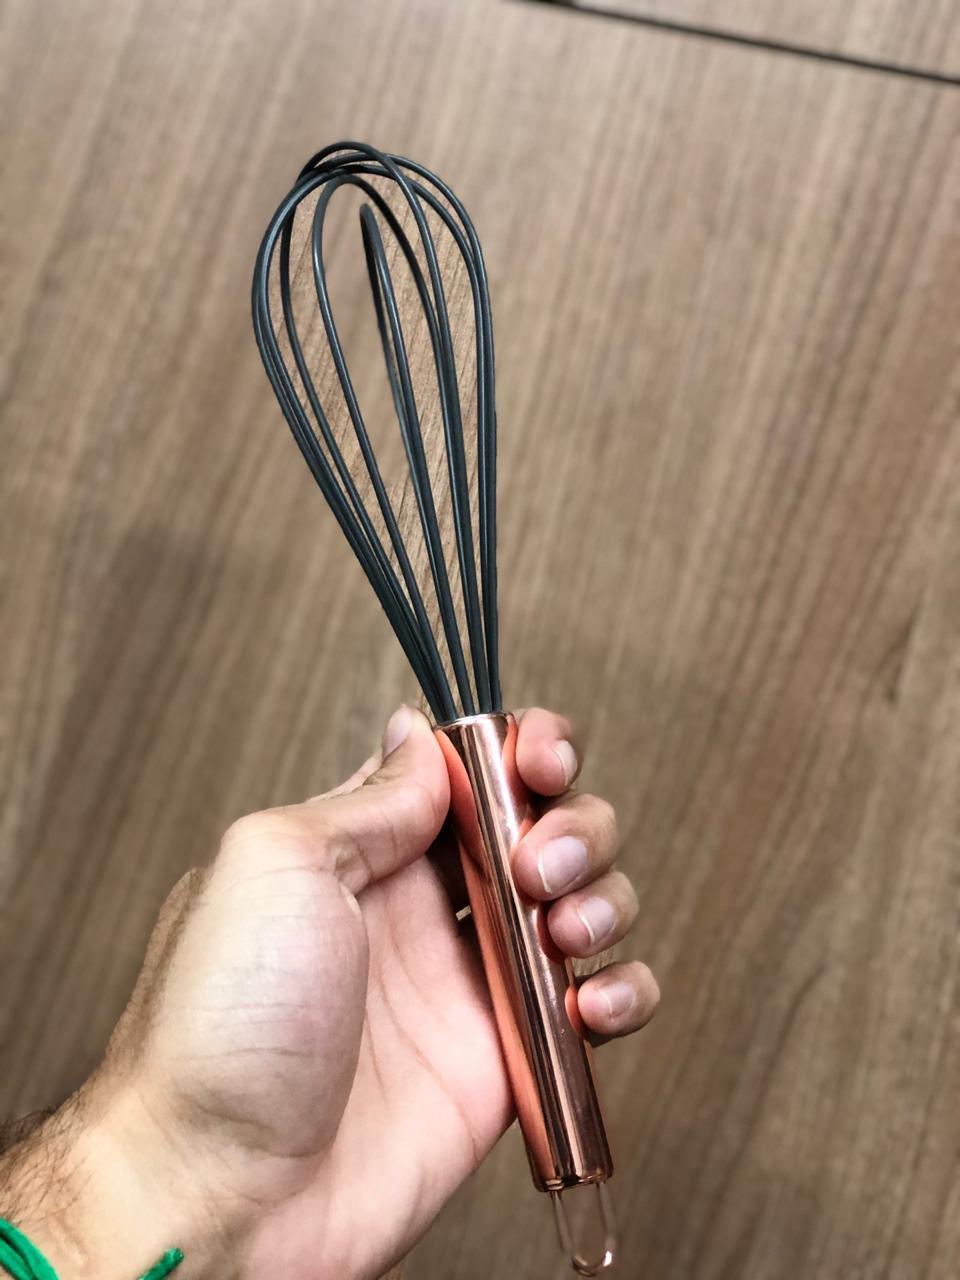 Batedor de ovos fouet rose cobre preto de aço inox e silicone 26cm